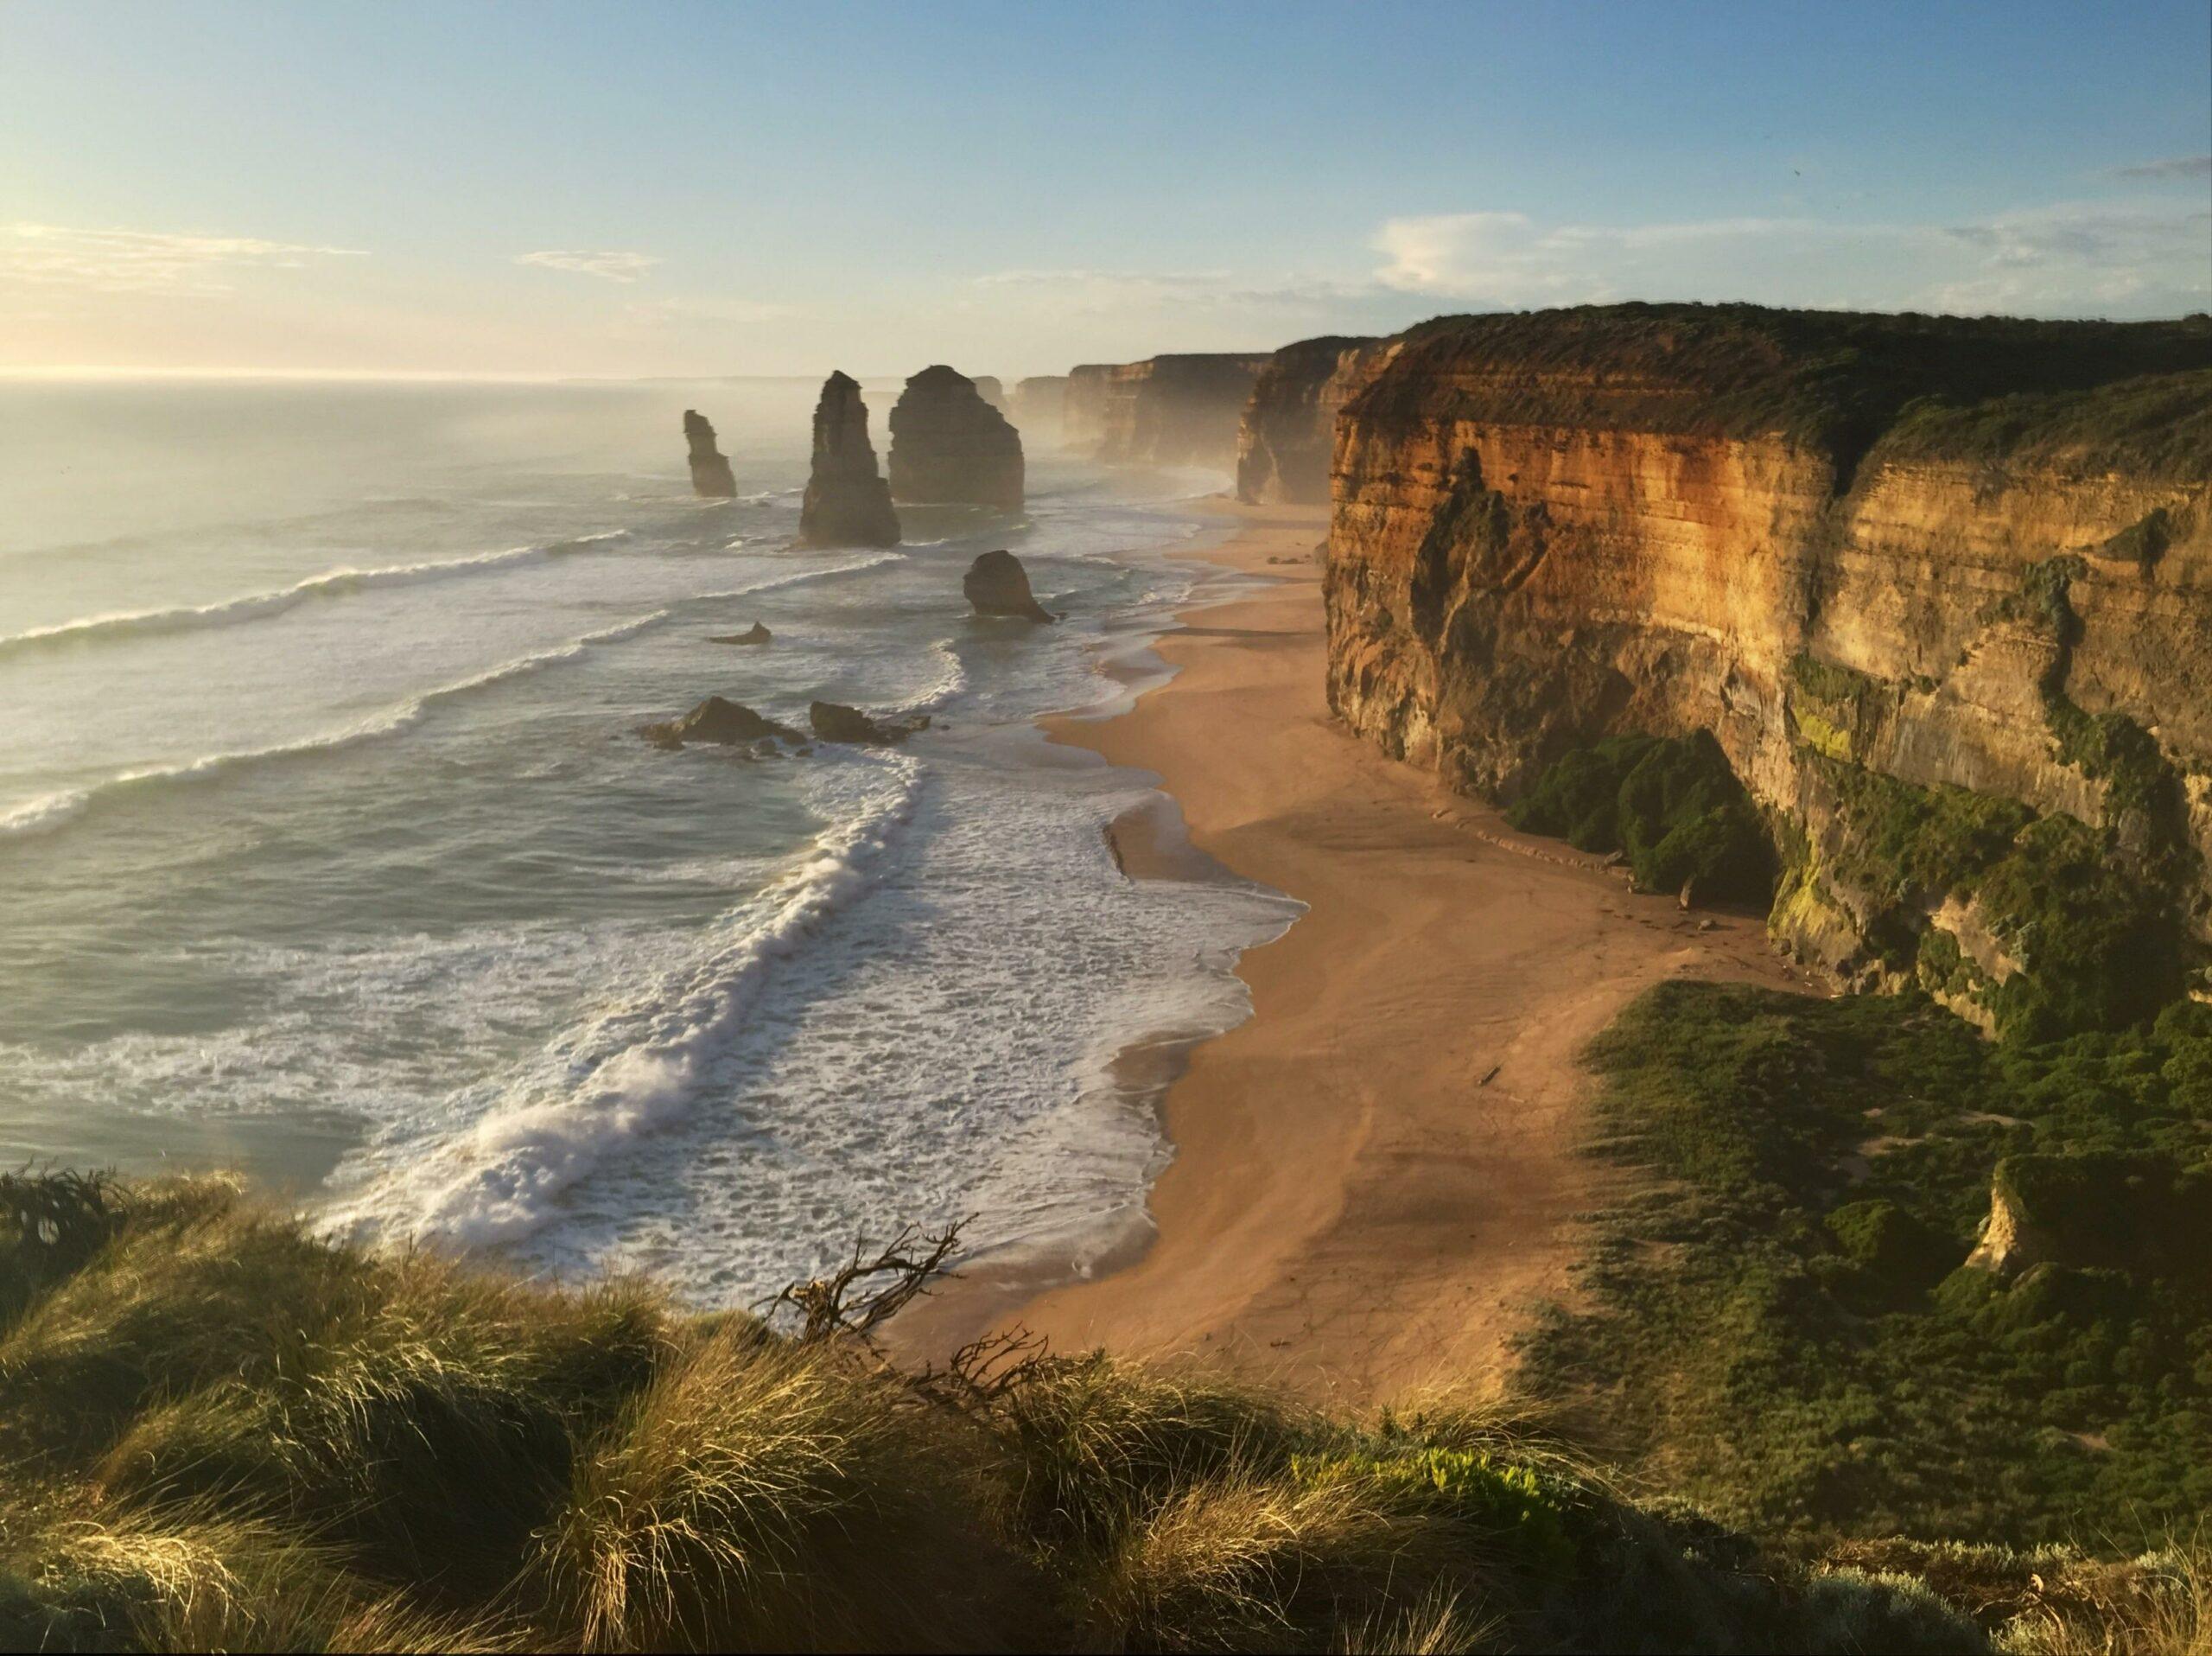 1 day great ocean road 12 apostles budget kangaroos and Koalas Tour